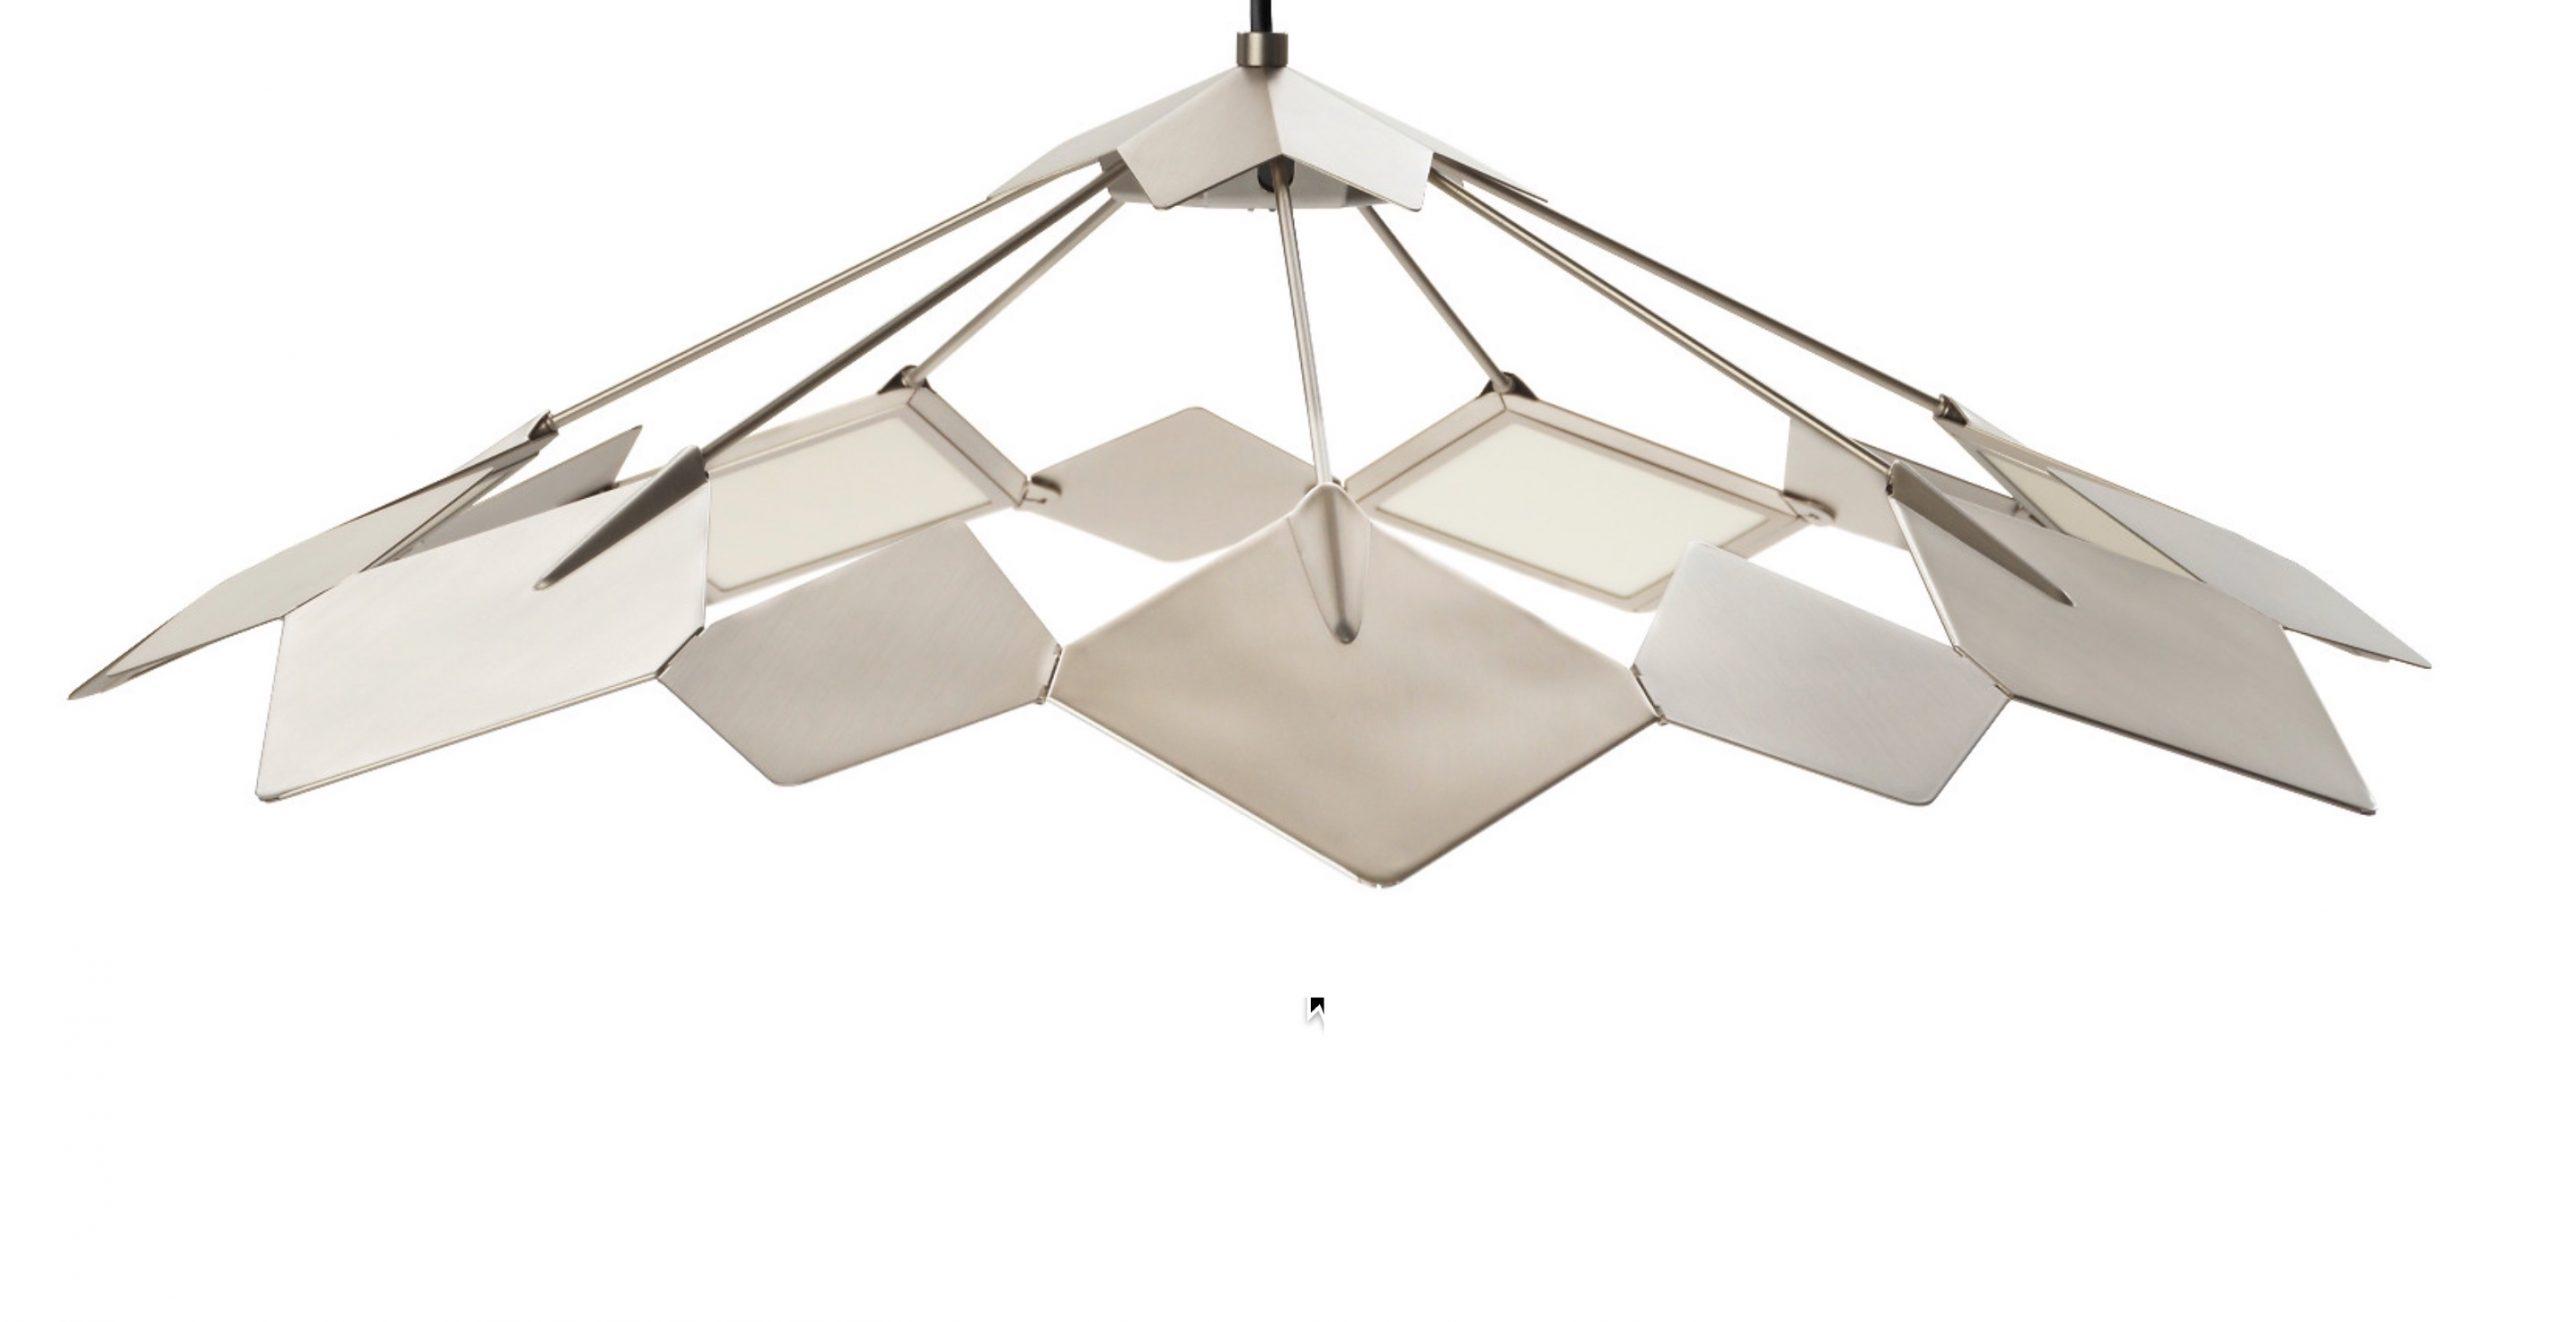 Full Size of Ikea Deckenlampe Nach Leds Stellt Oled Vor Screenshots Deckenlampen Wohnzimmer Schlafzimmer Betten Bei Küche Kosten Bad Für Kaufen Miniküche Esstisch Sofa Wohnzimmer Ikea Deckenlampe